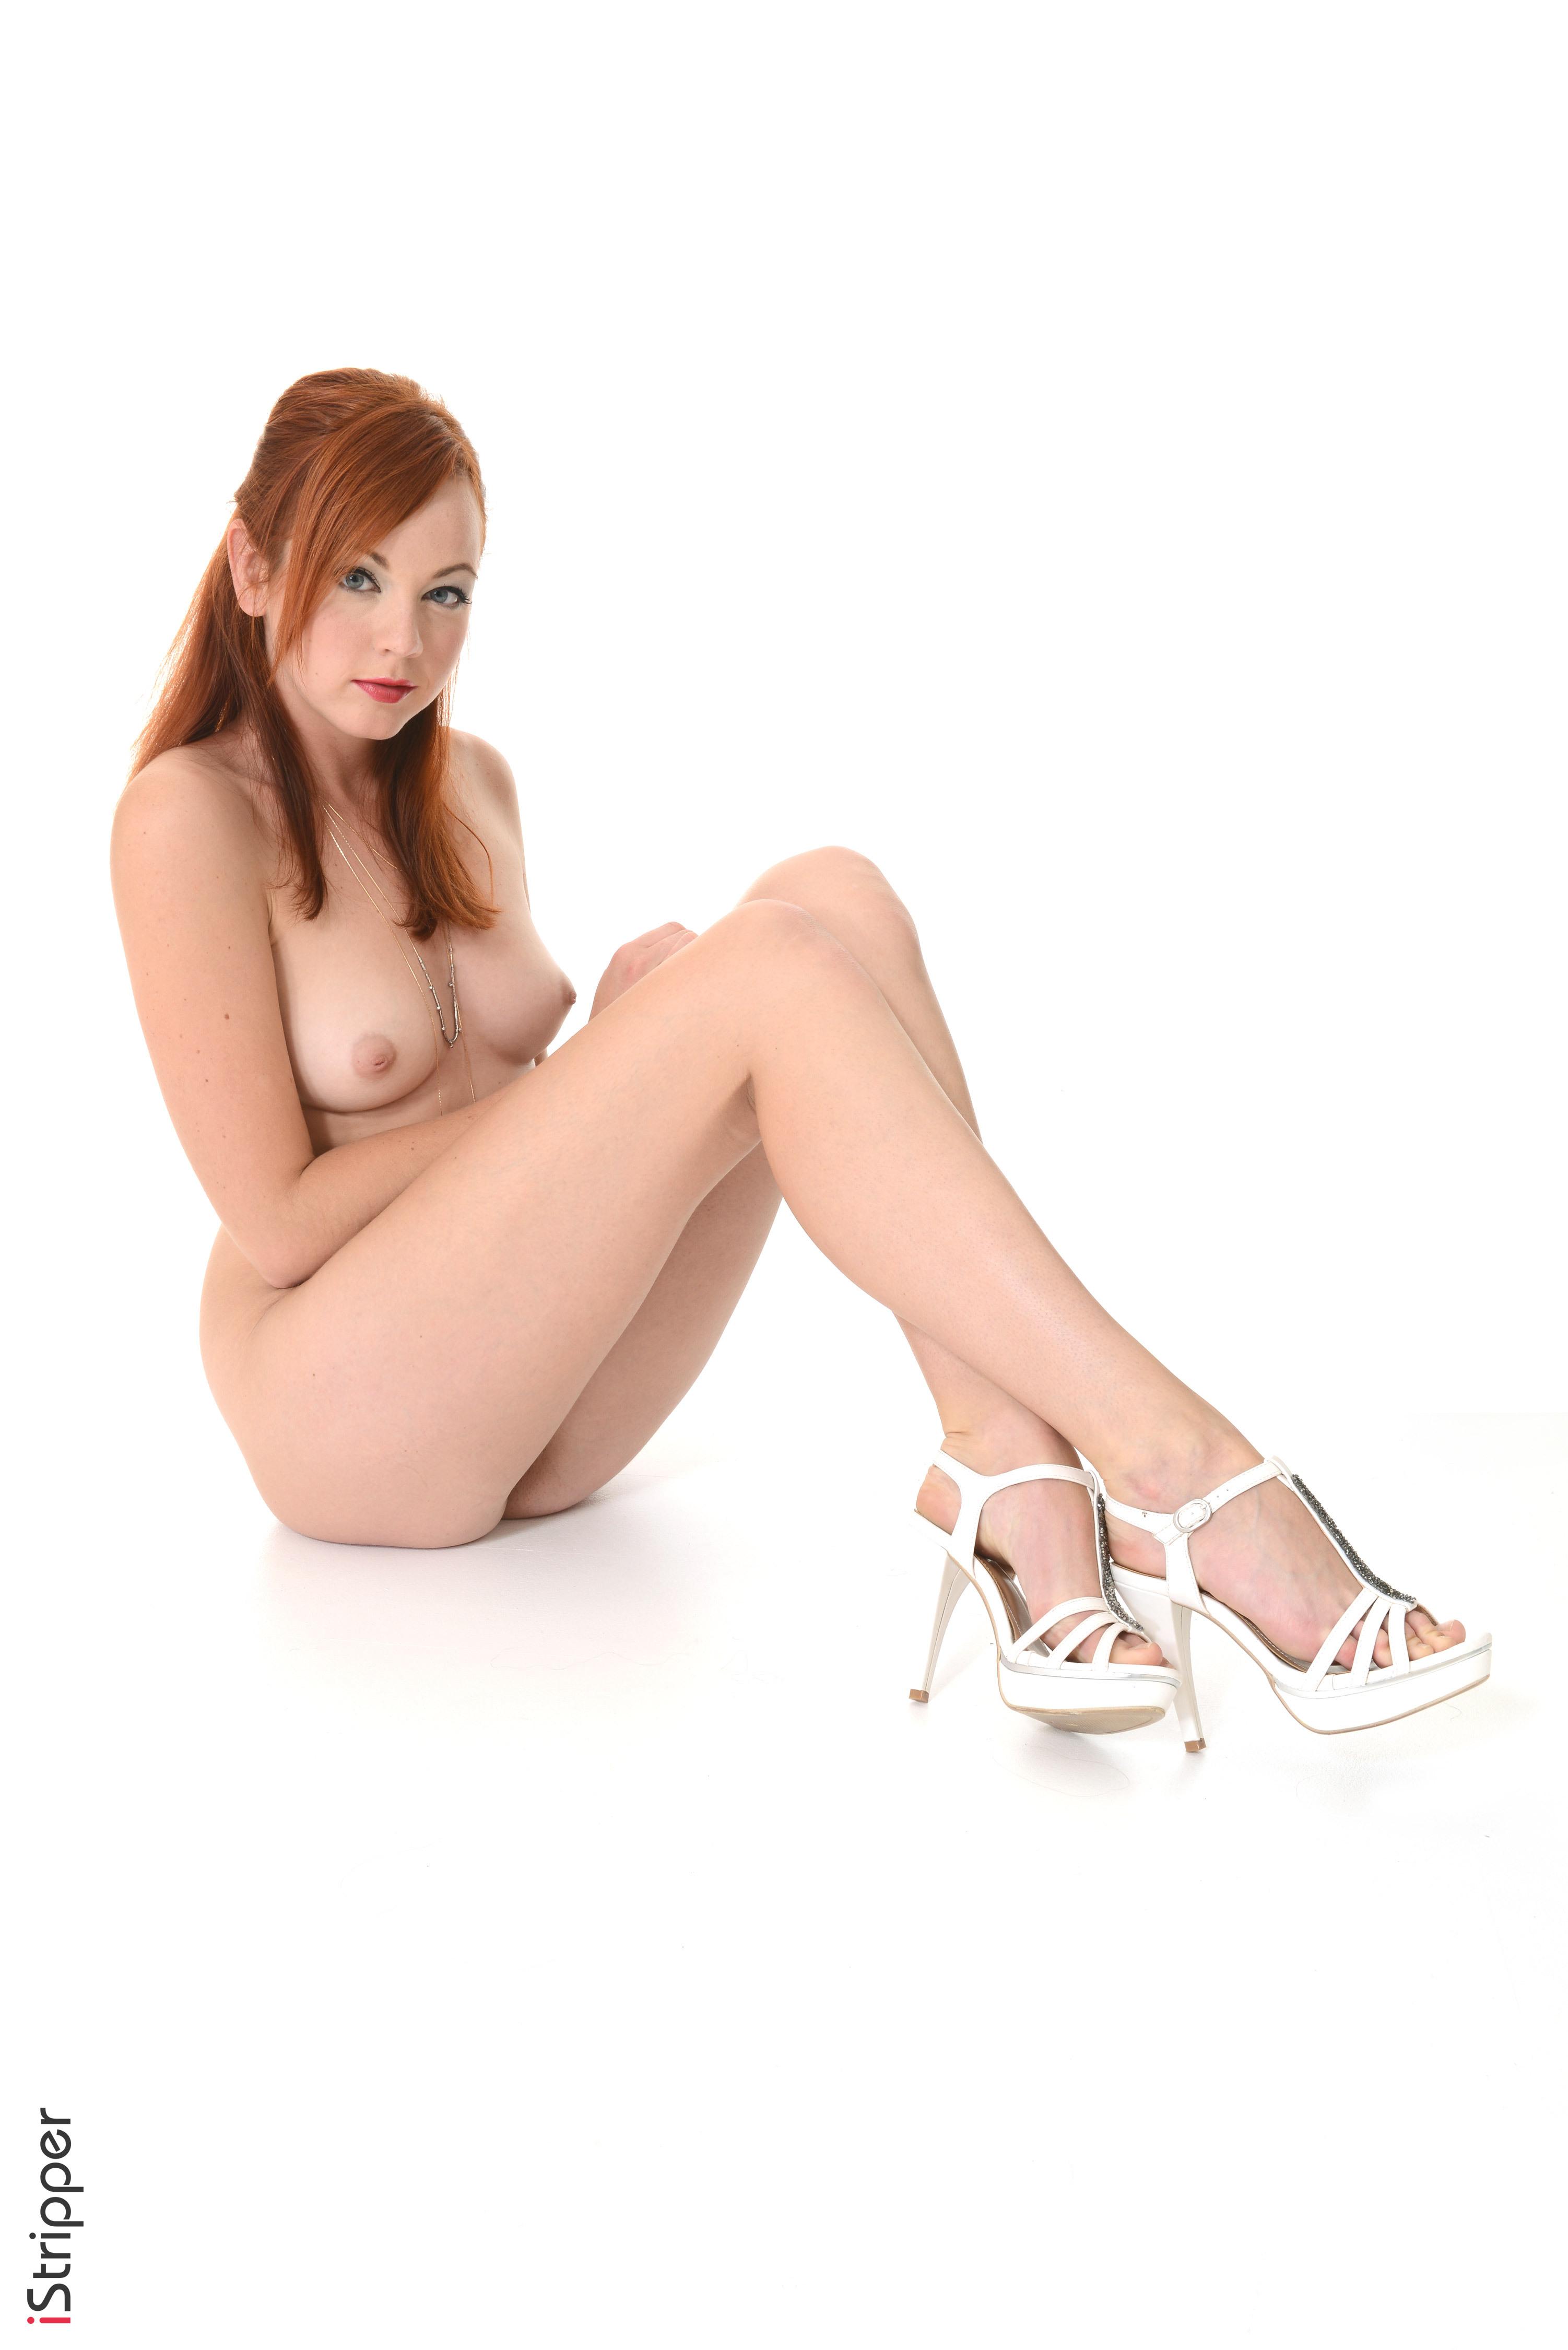 nude photos with ronald mcdonald